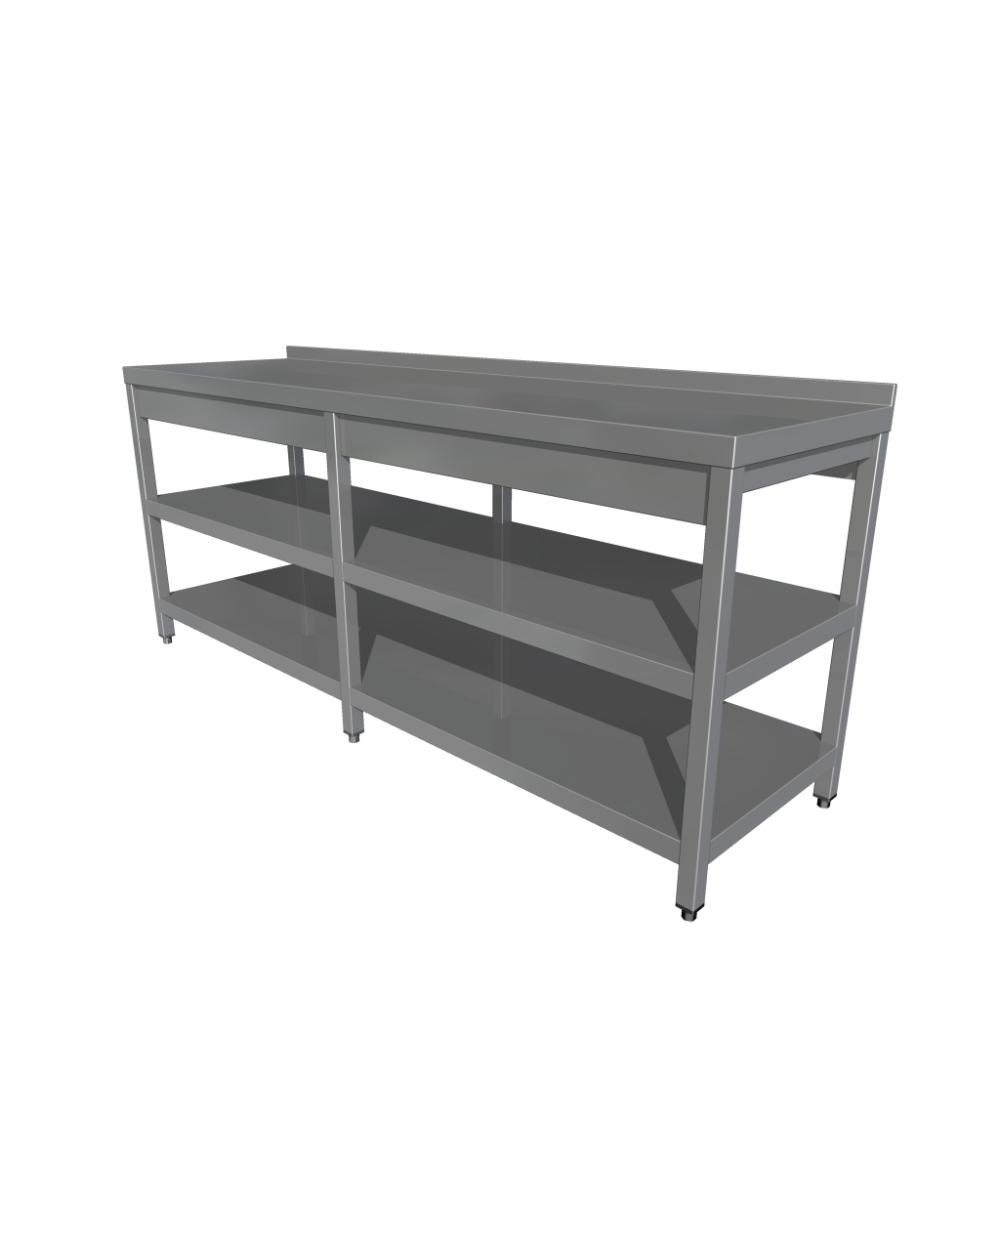 Tavolo Con Gamba Centrale tavolo da lavoro, 6 gambe, scaffale centrale e inferiore, con upstand (2100  - 2800 mm * 600 mm * 850 mm) - horecapiv